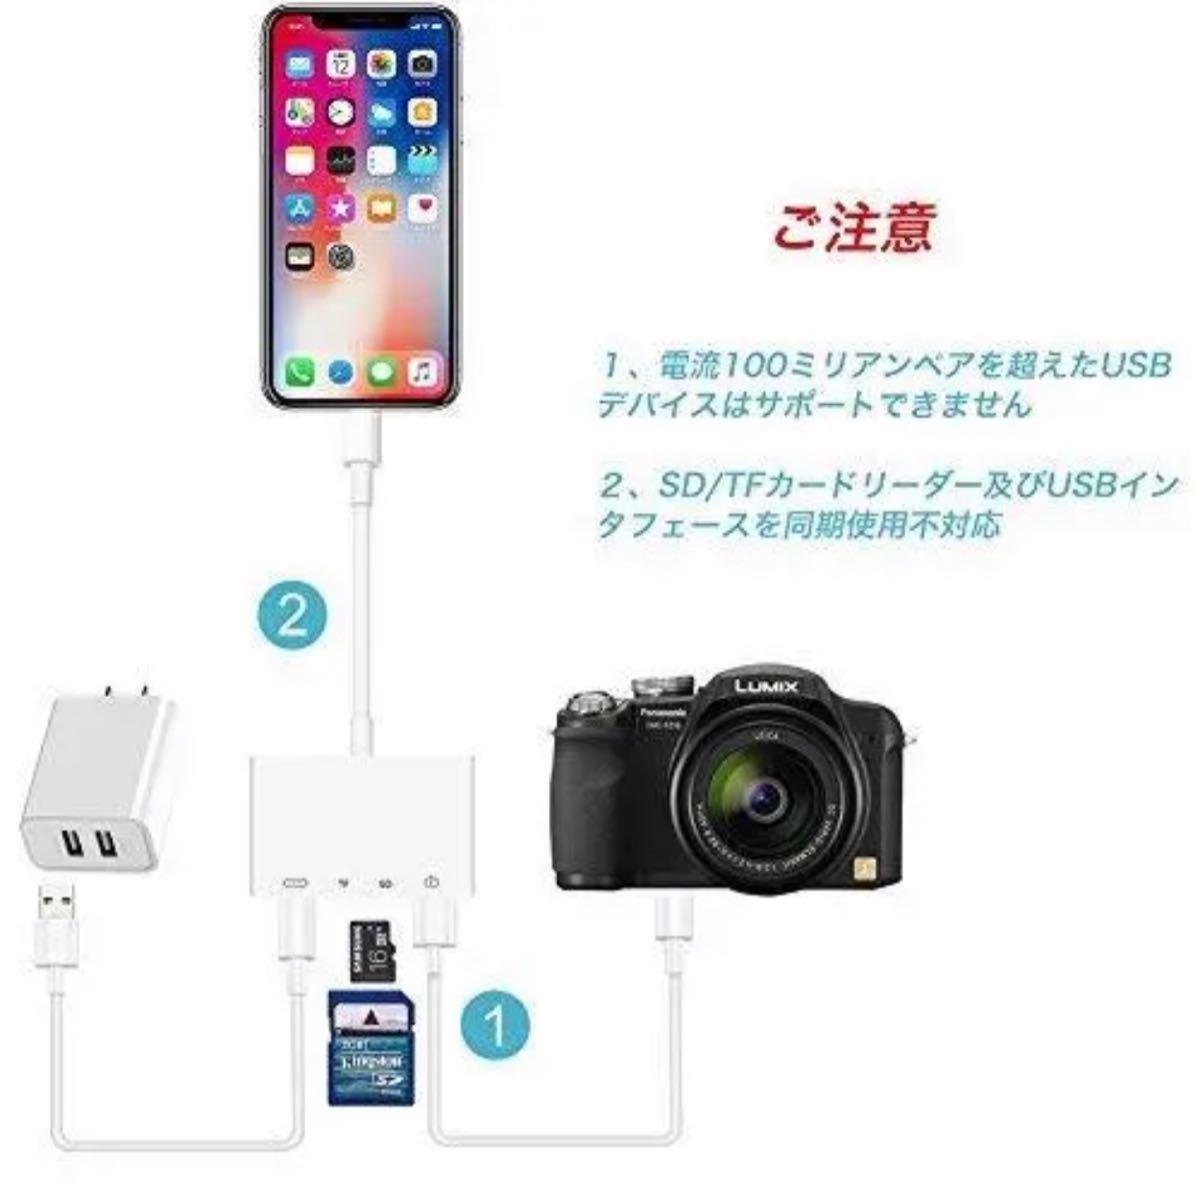 iPhone iPad専用Lightning SDカードカメラリーダー